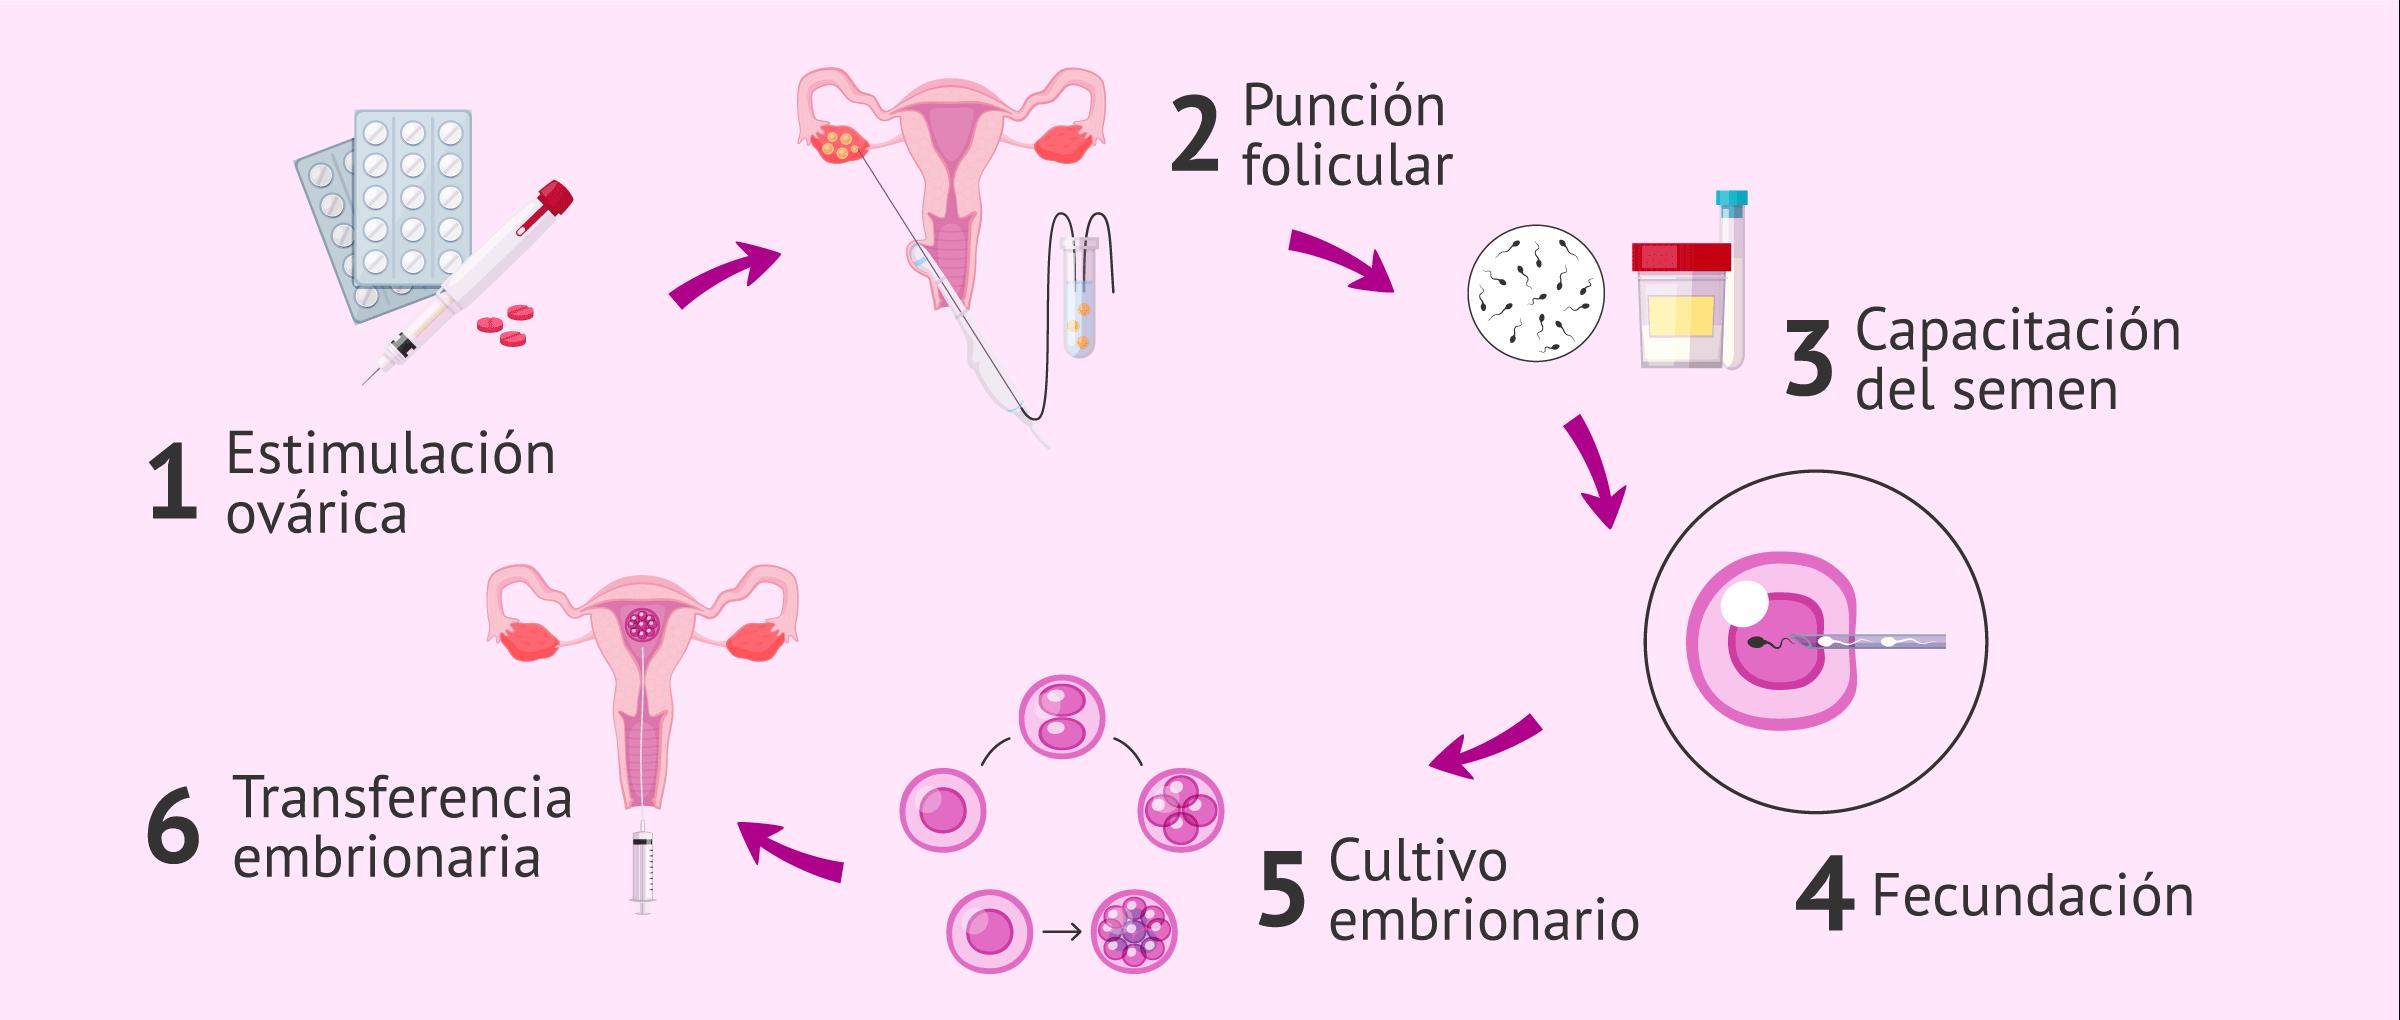 Proceso de la fecundación in vitro